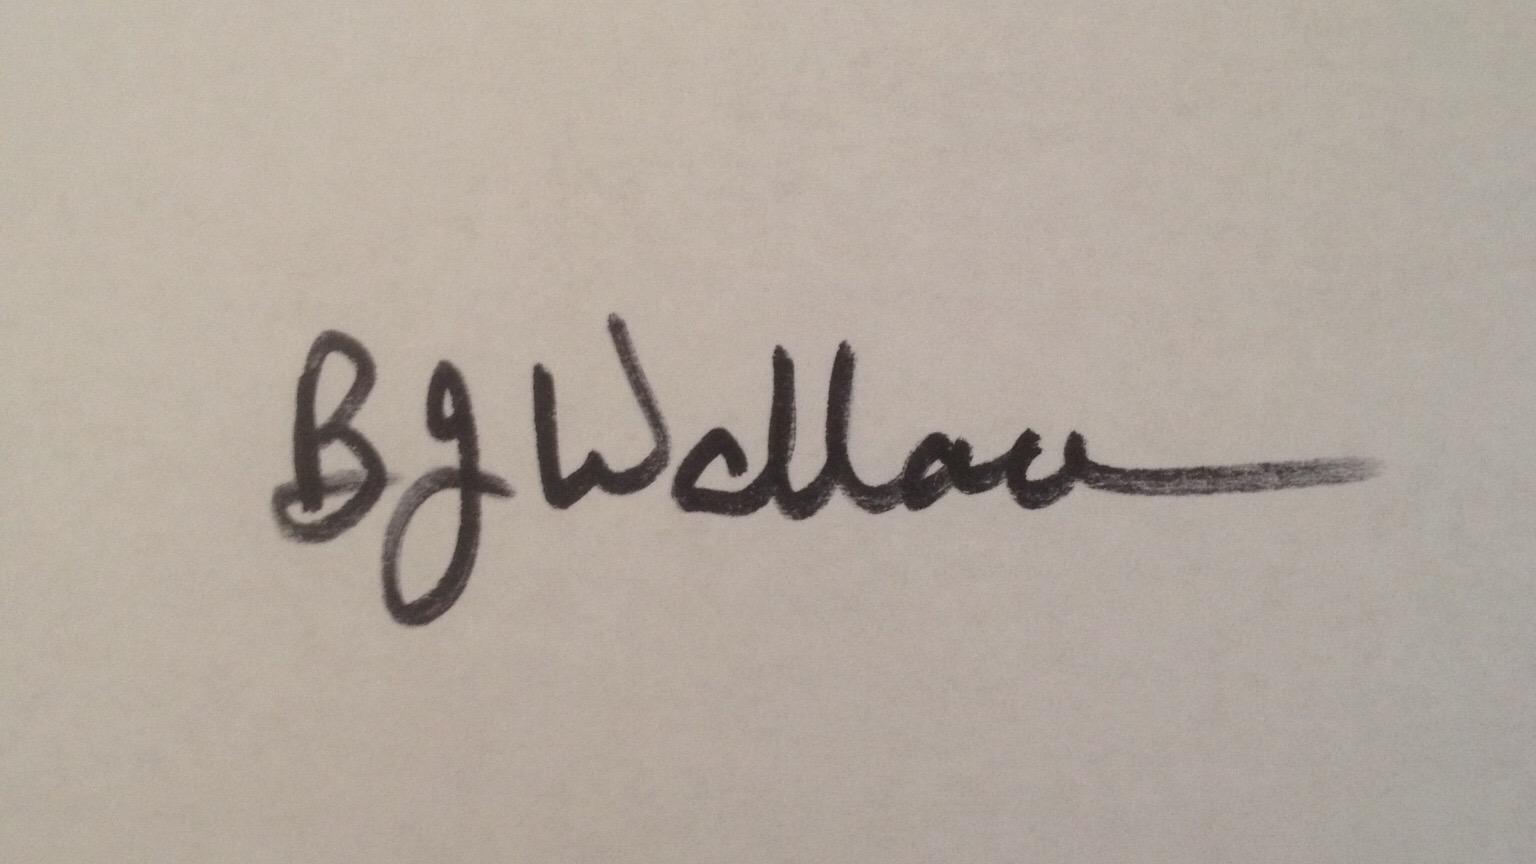 Barbara Wallace Signature